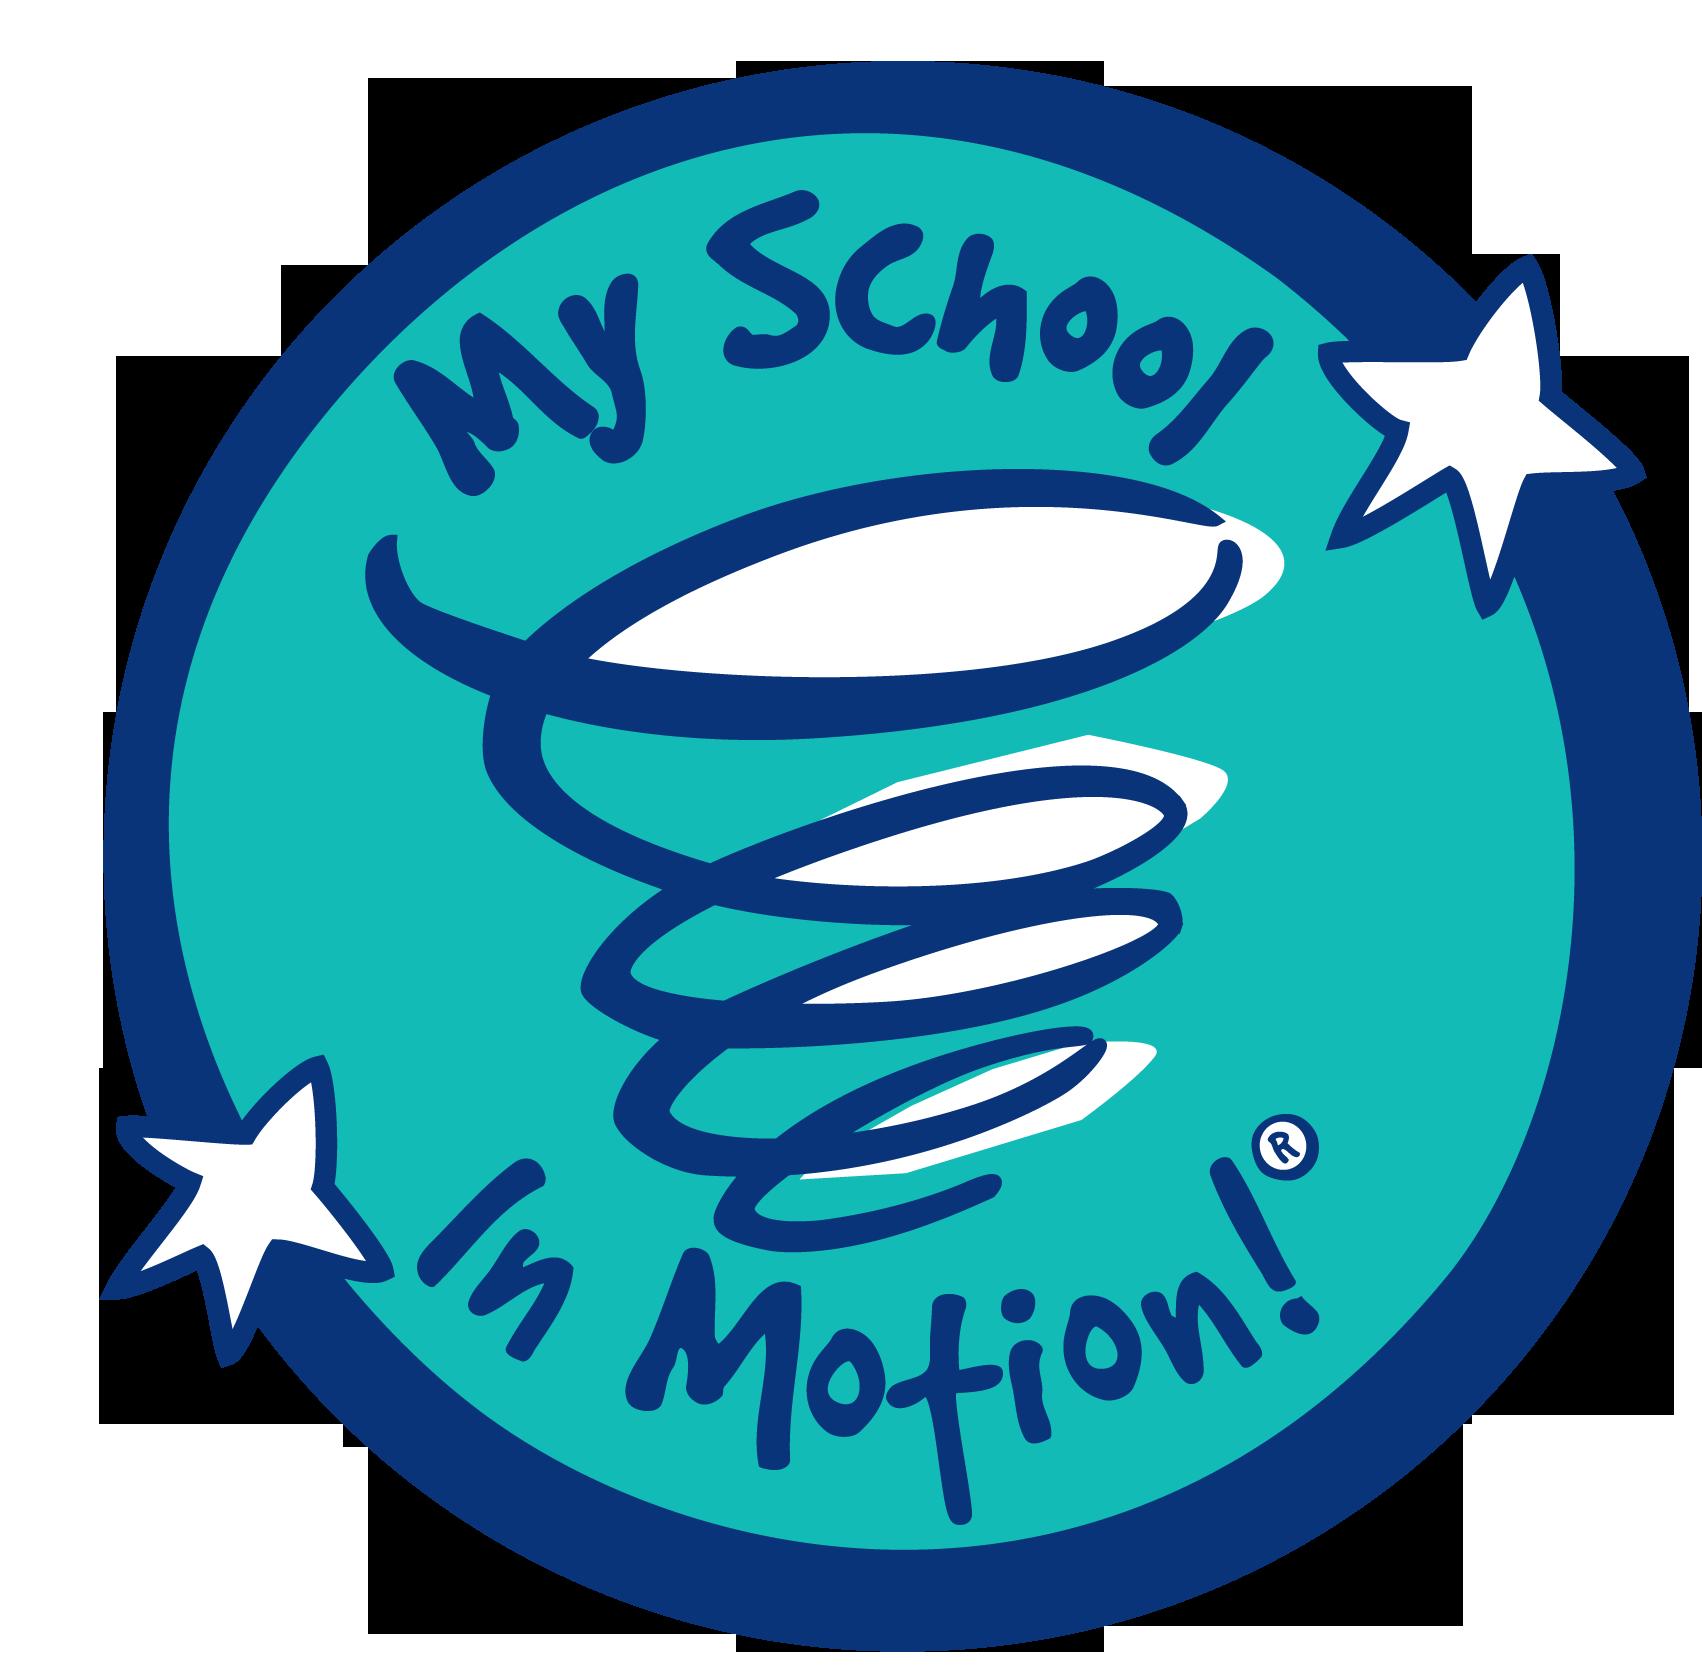 My School in Motion